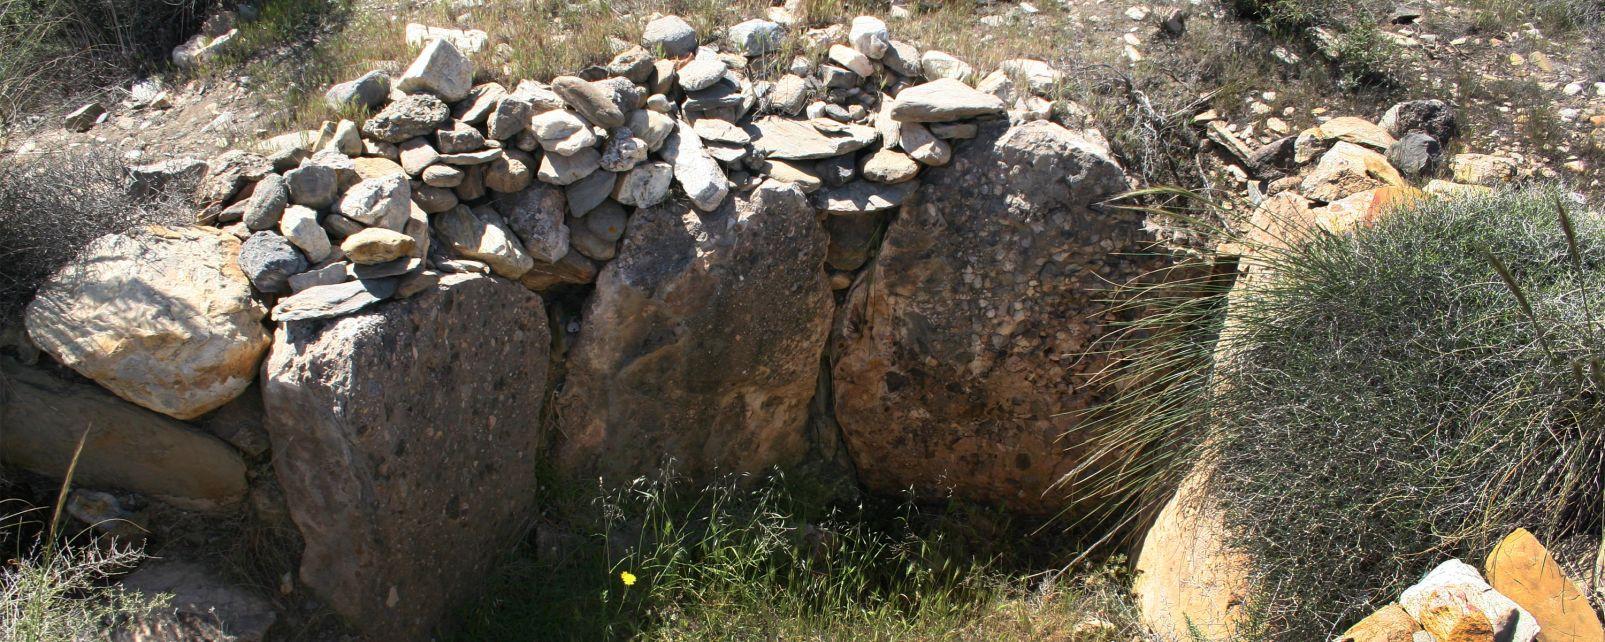 , La necropoli megalitica di Gádor, I monumenti, Andalusia